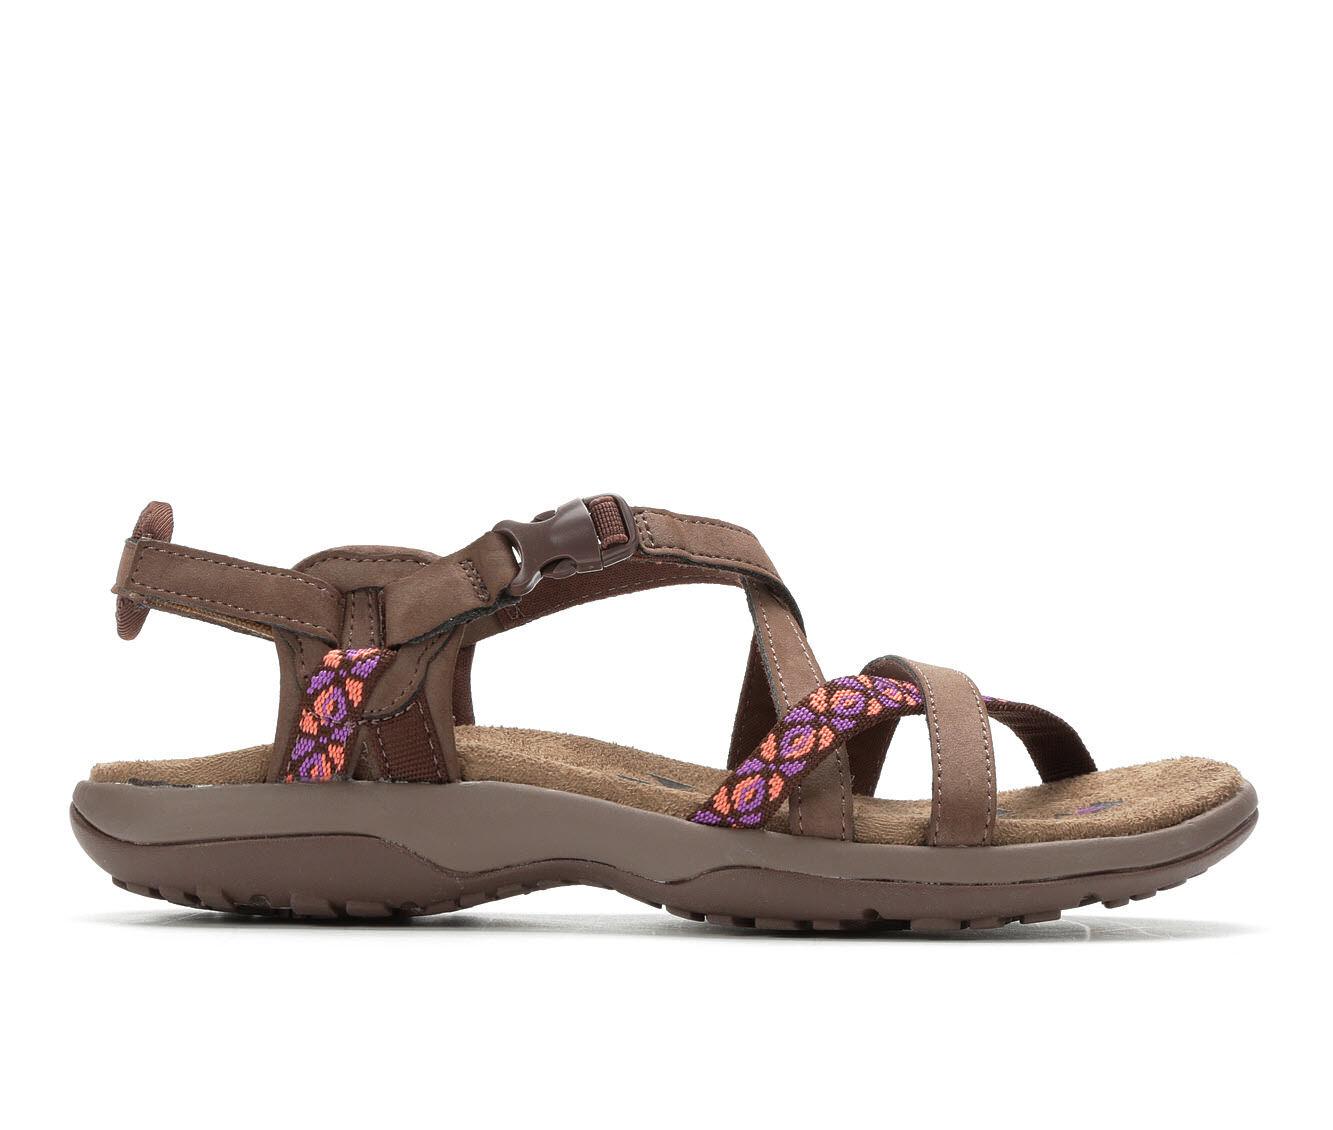 Women's Skechers Reggae Slim Vacay Hiking Sandals Chocolate